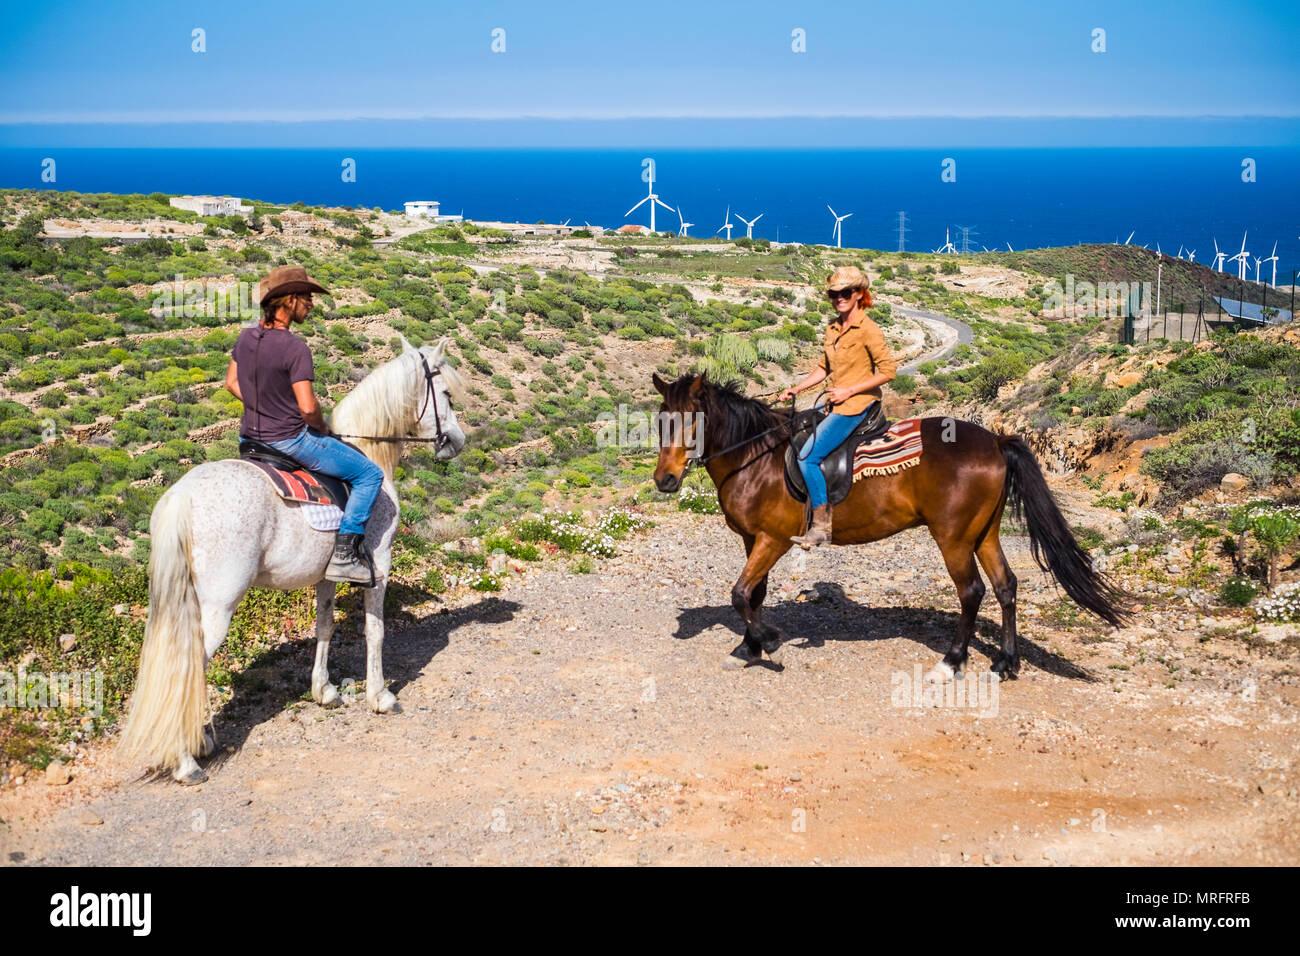 Neuen Pfad folgen, neue Erfahrung für starke kaukasischen Paar Mann und Frau mit ihren Pferden. neue Wege und Risiko leben Konzept für echten wanderlus zu leben Stockbild